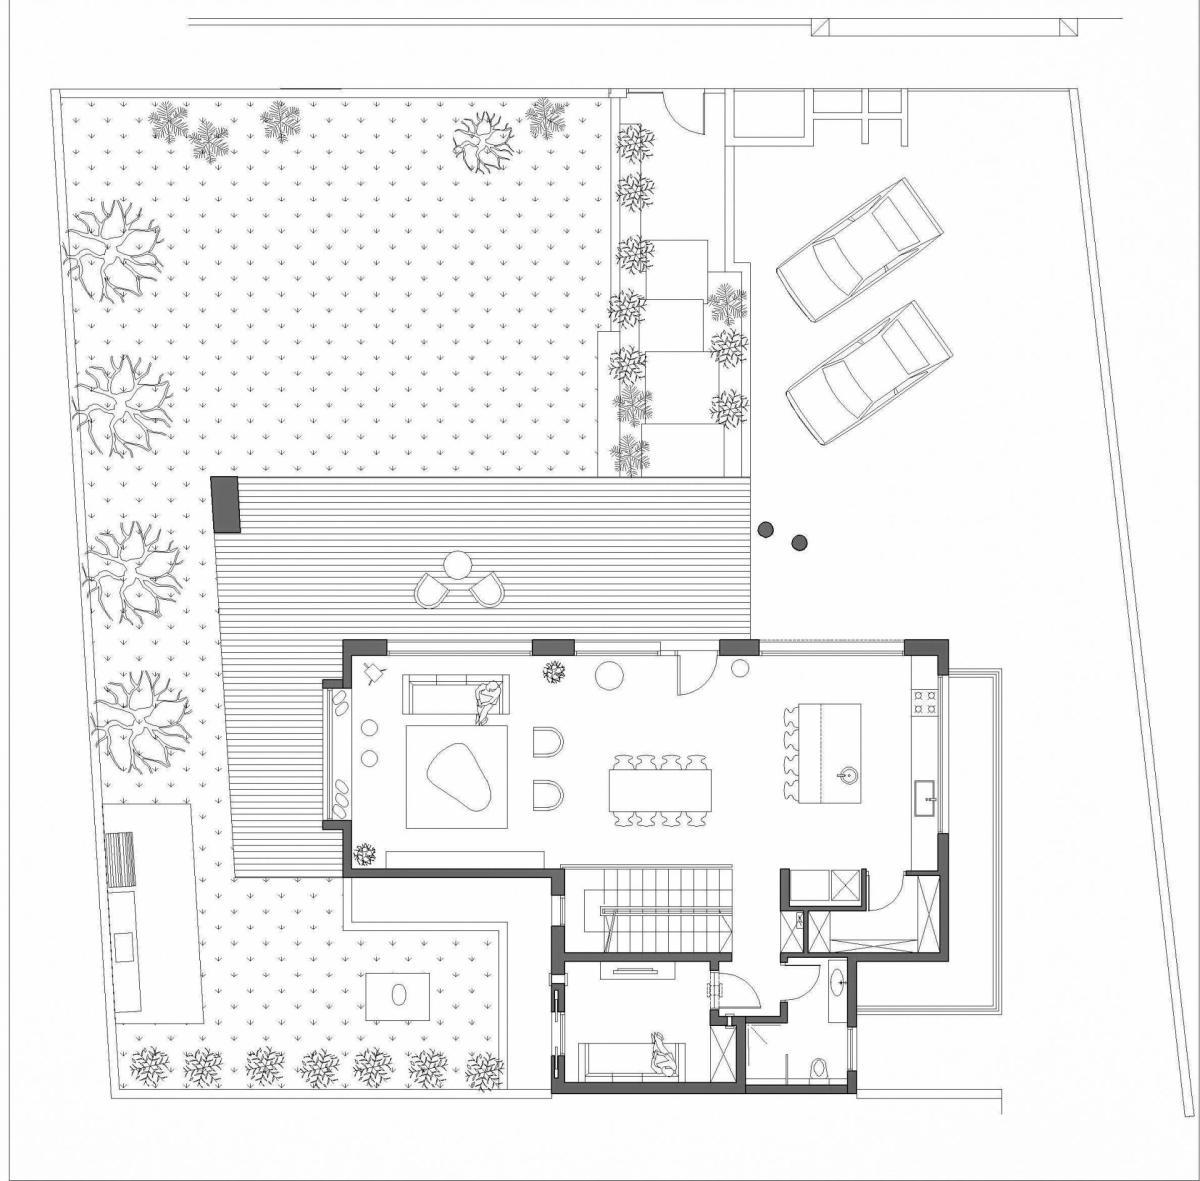 concrete ron shenkin ground floor plan